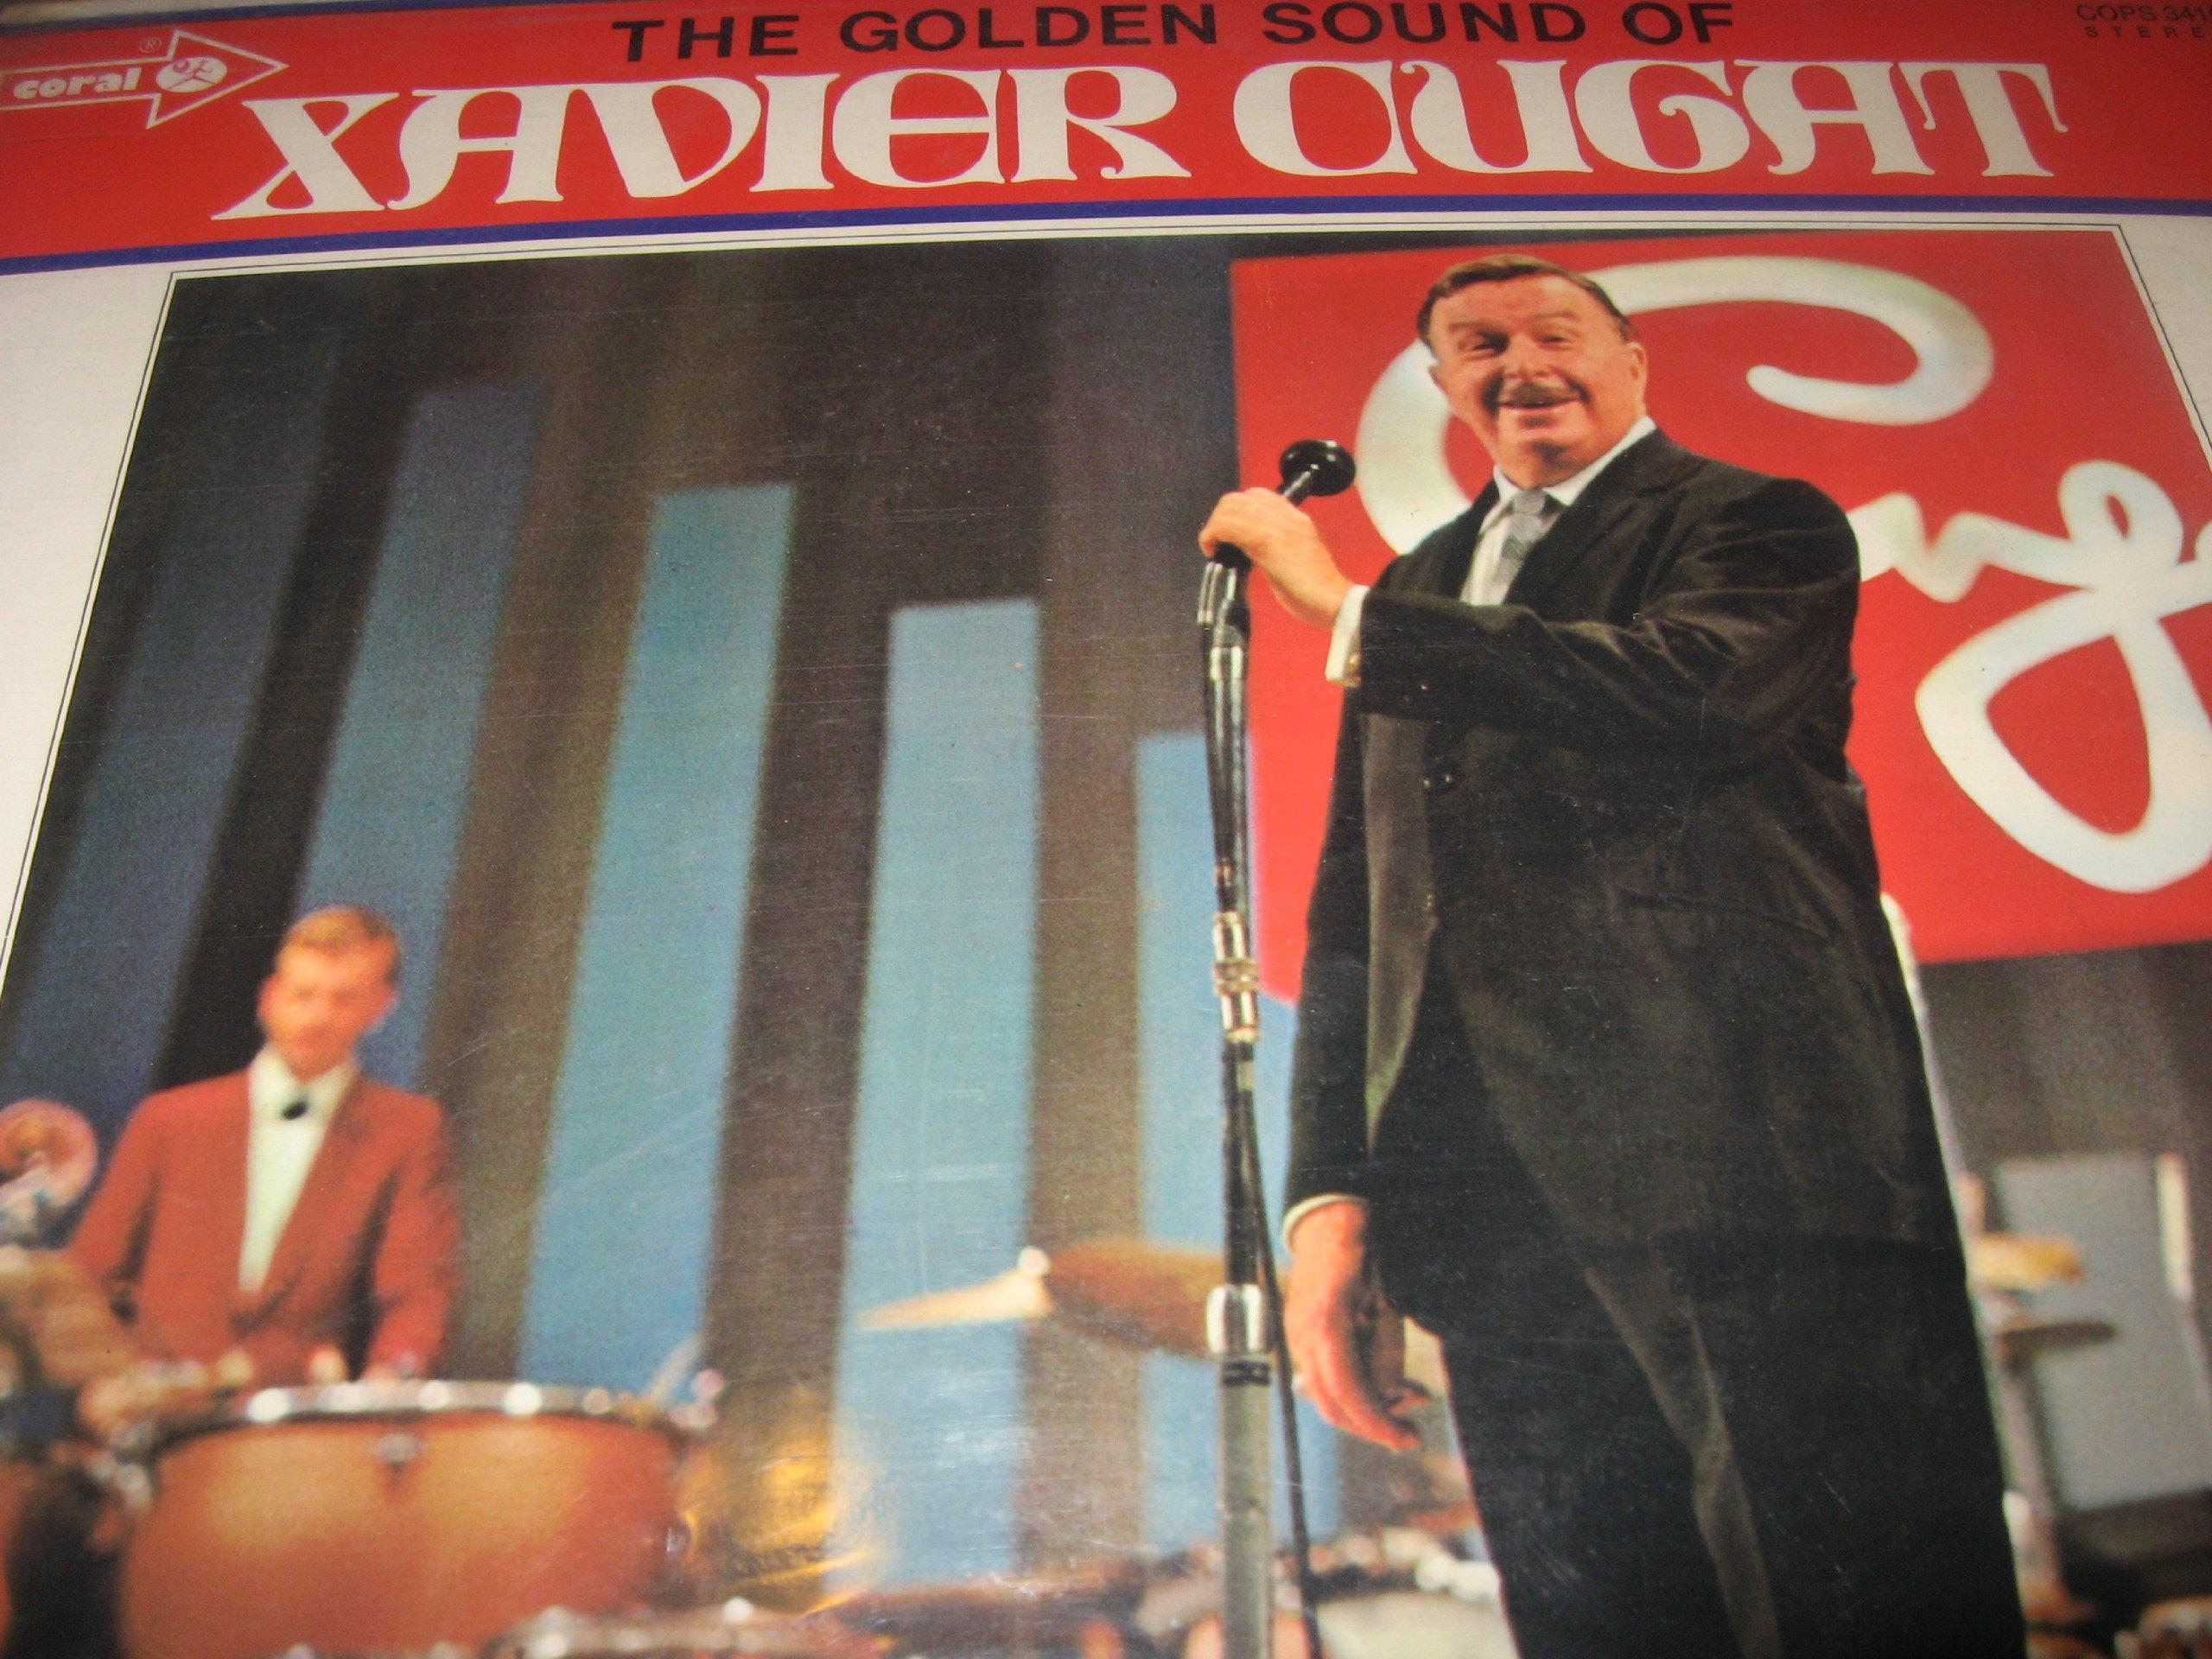 The Golden Sound of Xavier Cugat